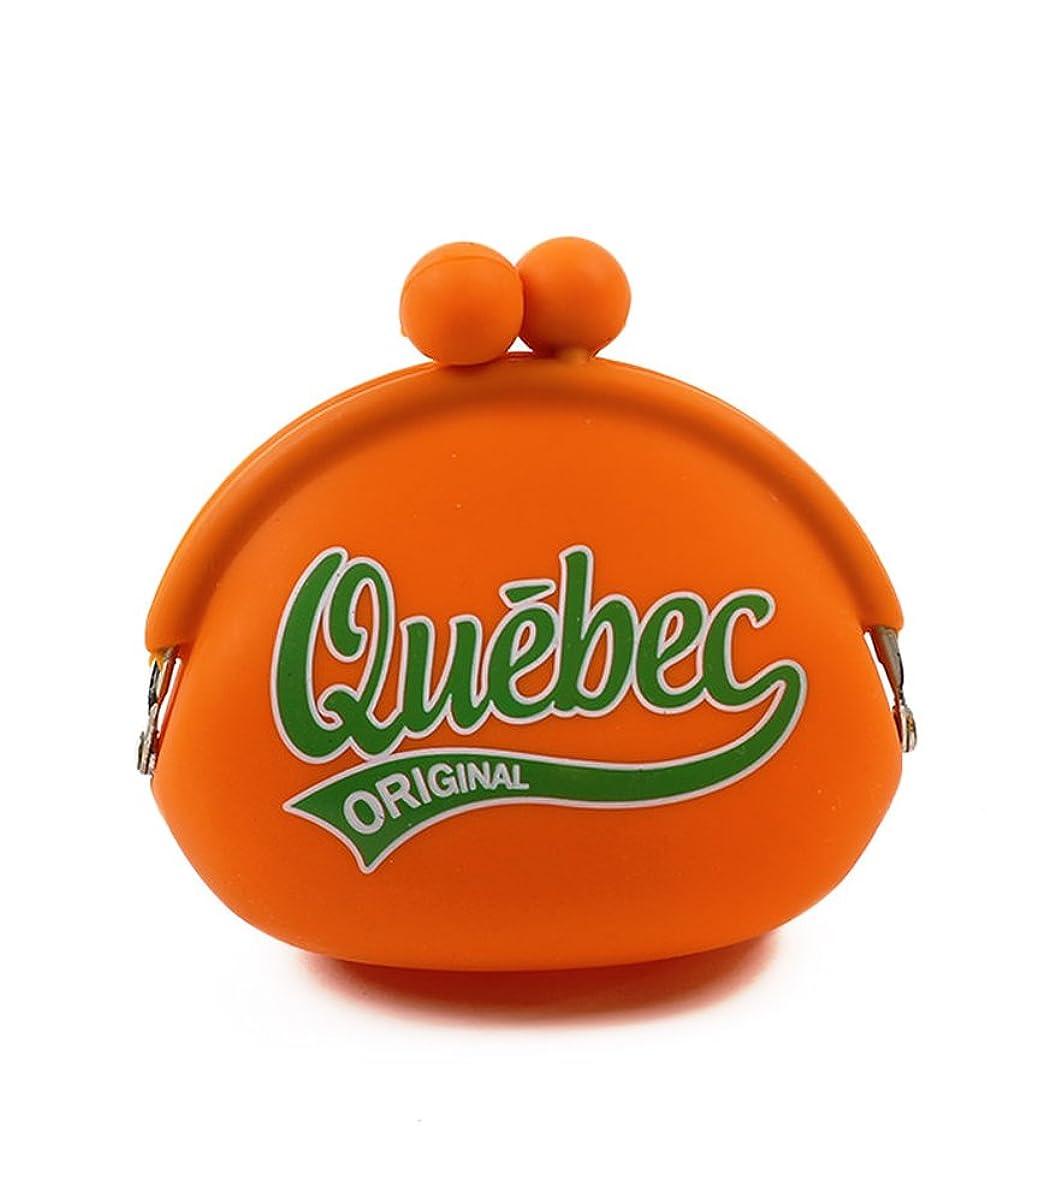 地平線みなさんに渡ってRobin Ruth ACCESSORY レディース US サイズ: One Size カラー: オレンジ